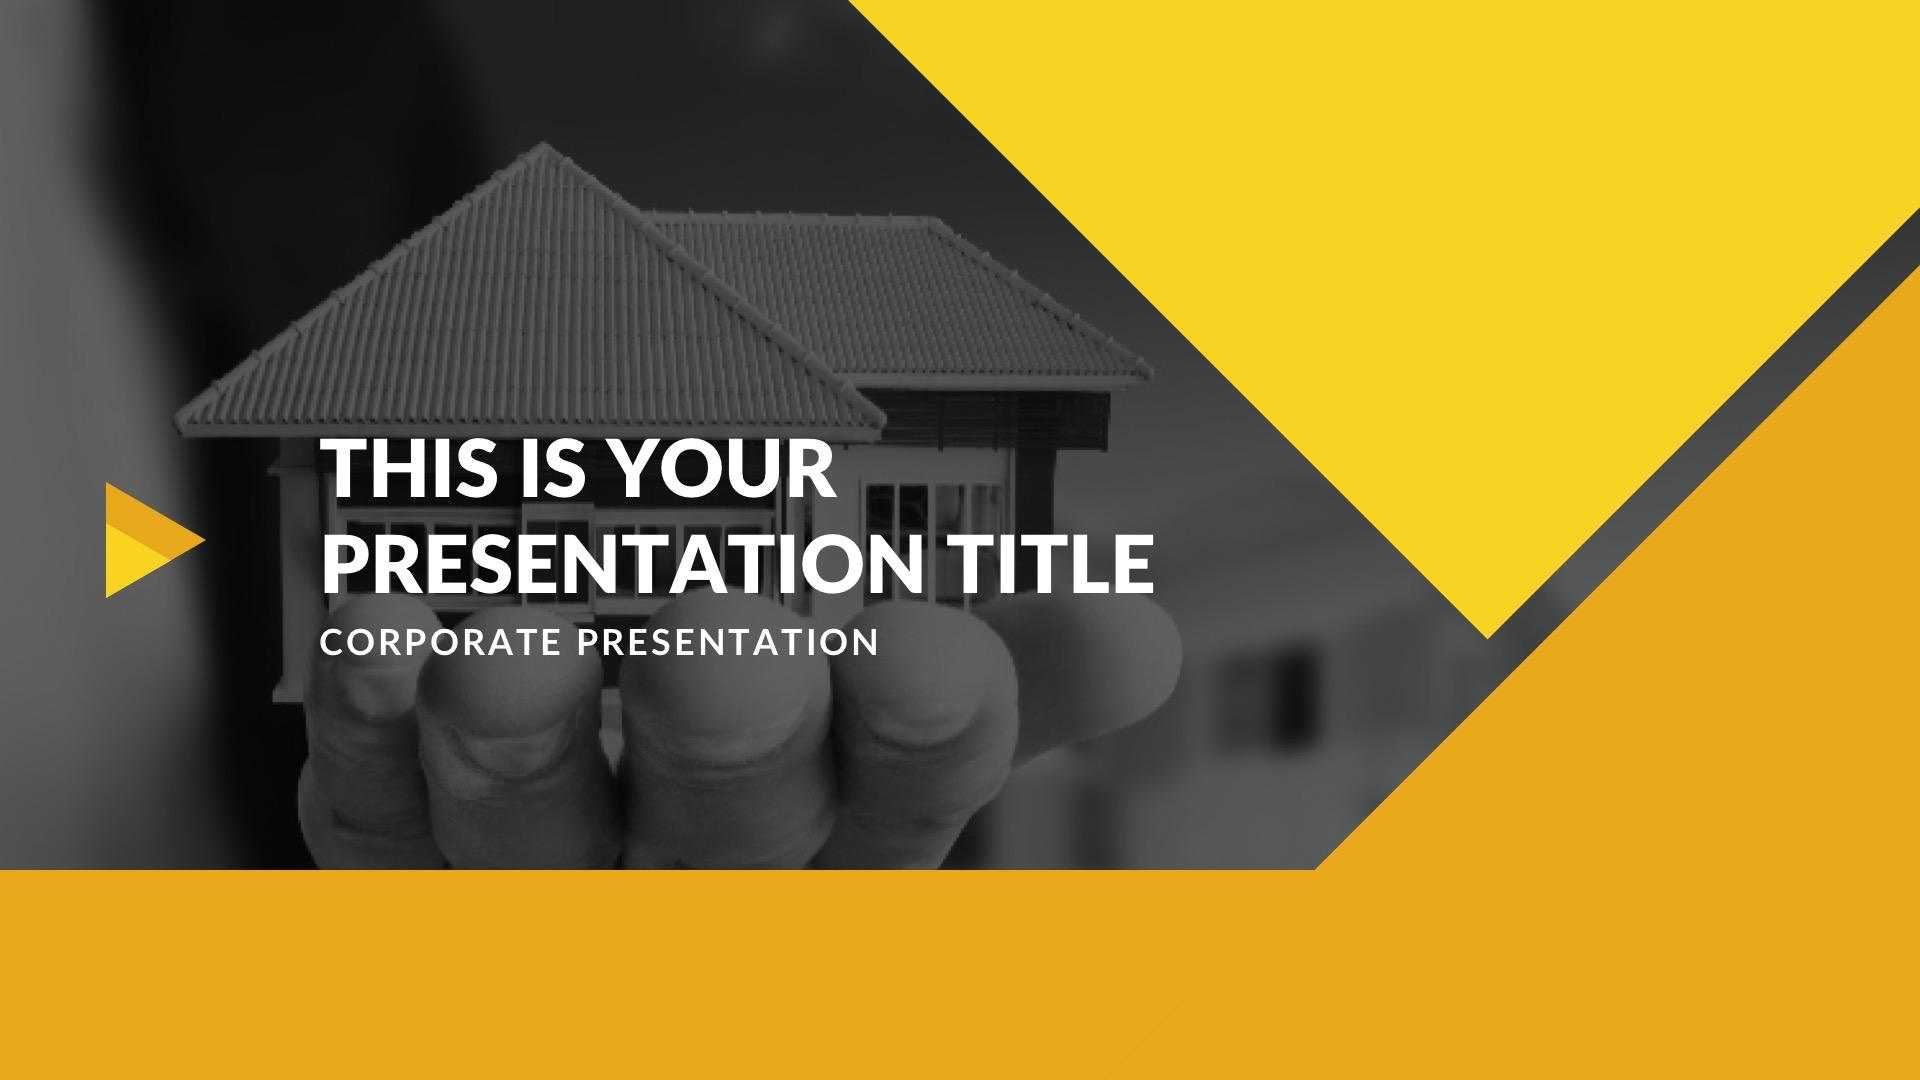 template gratuit pour présentation keynote sur Mac free mockup powerpoint jaune présentation immobilière